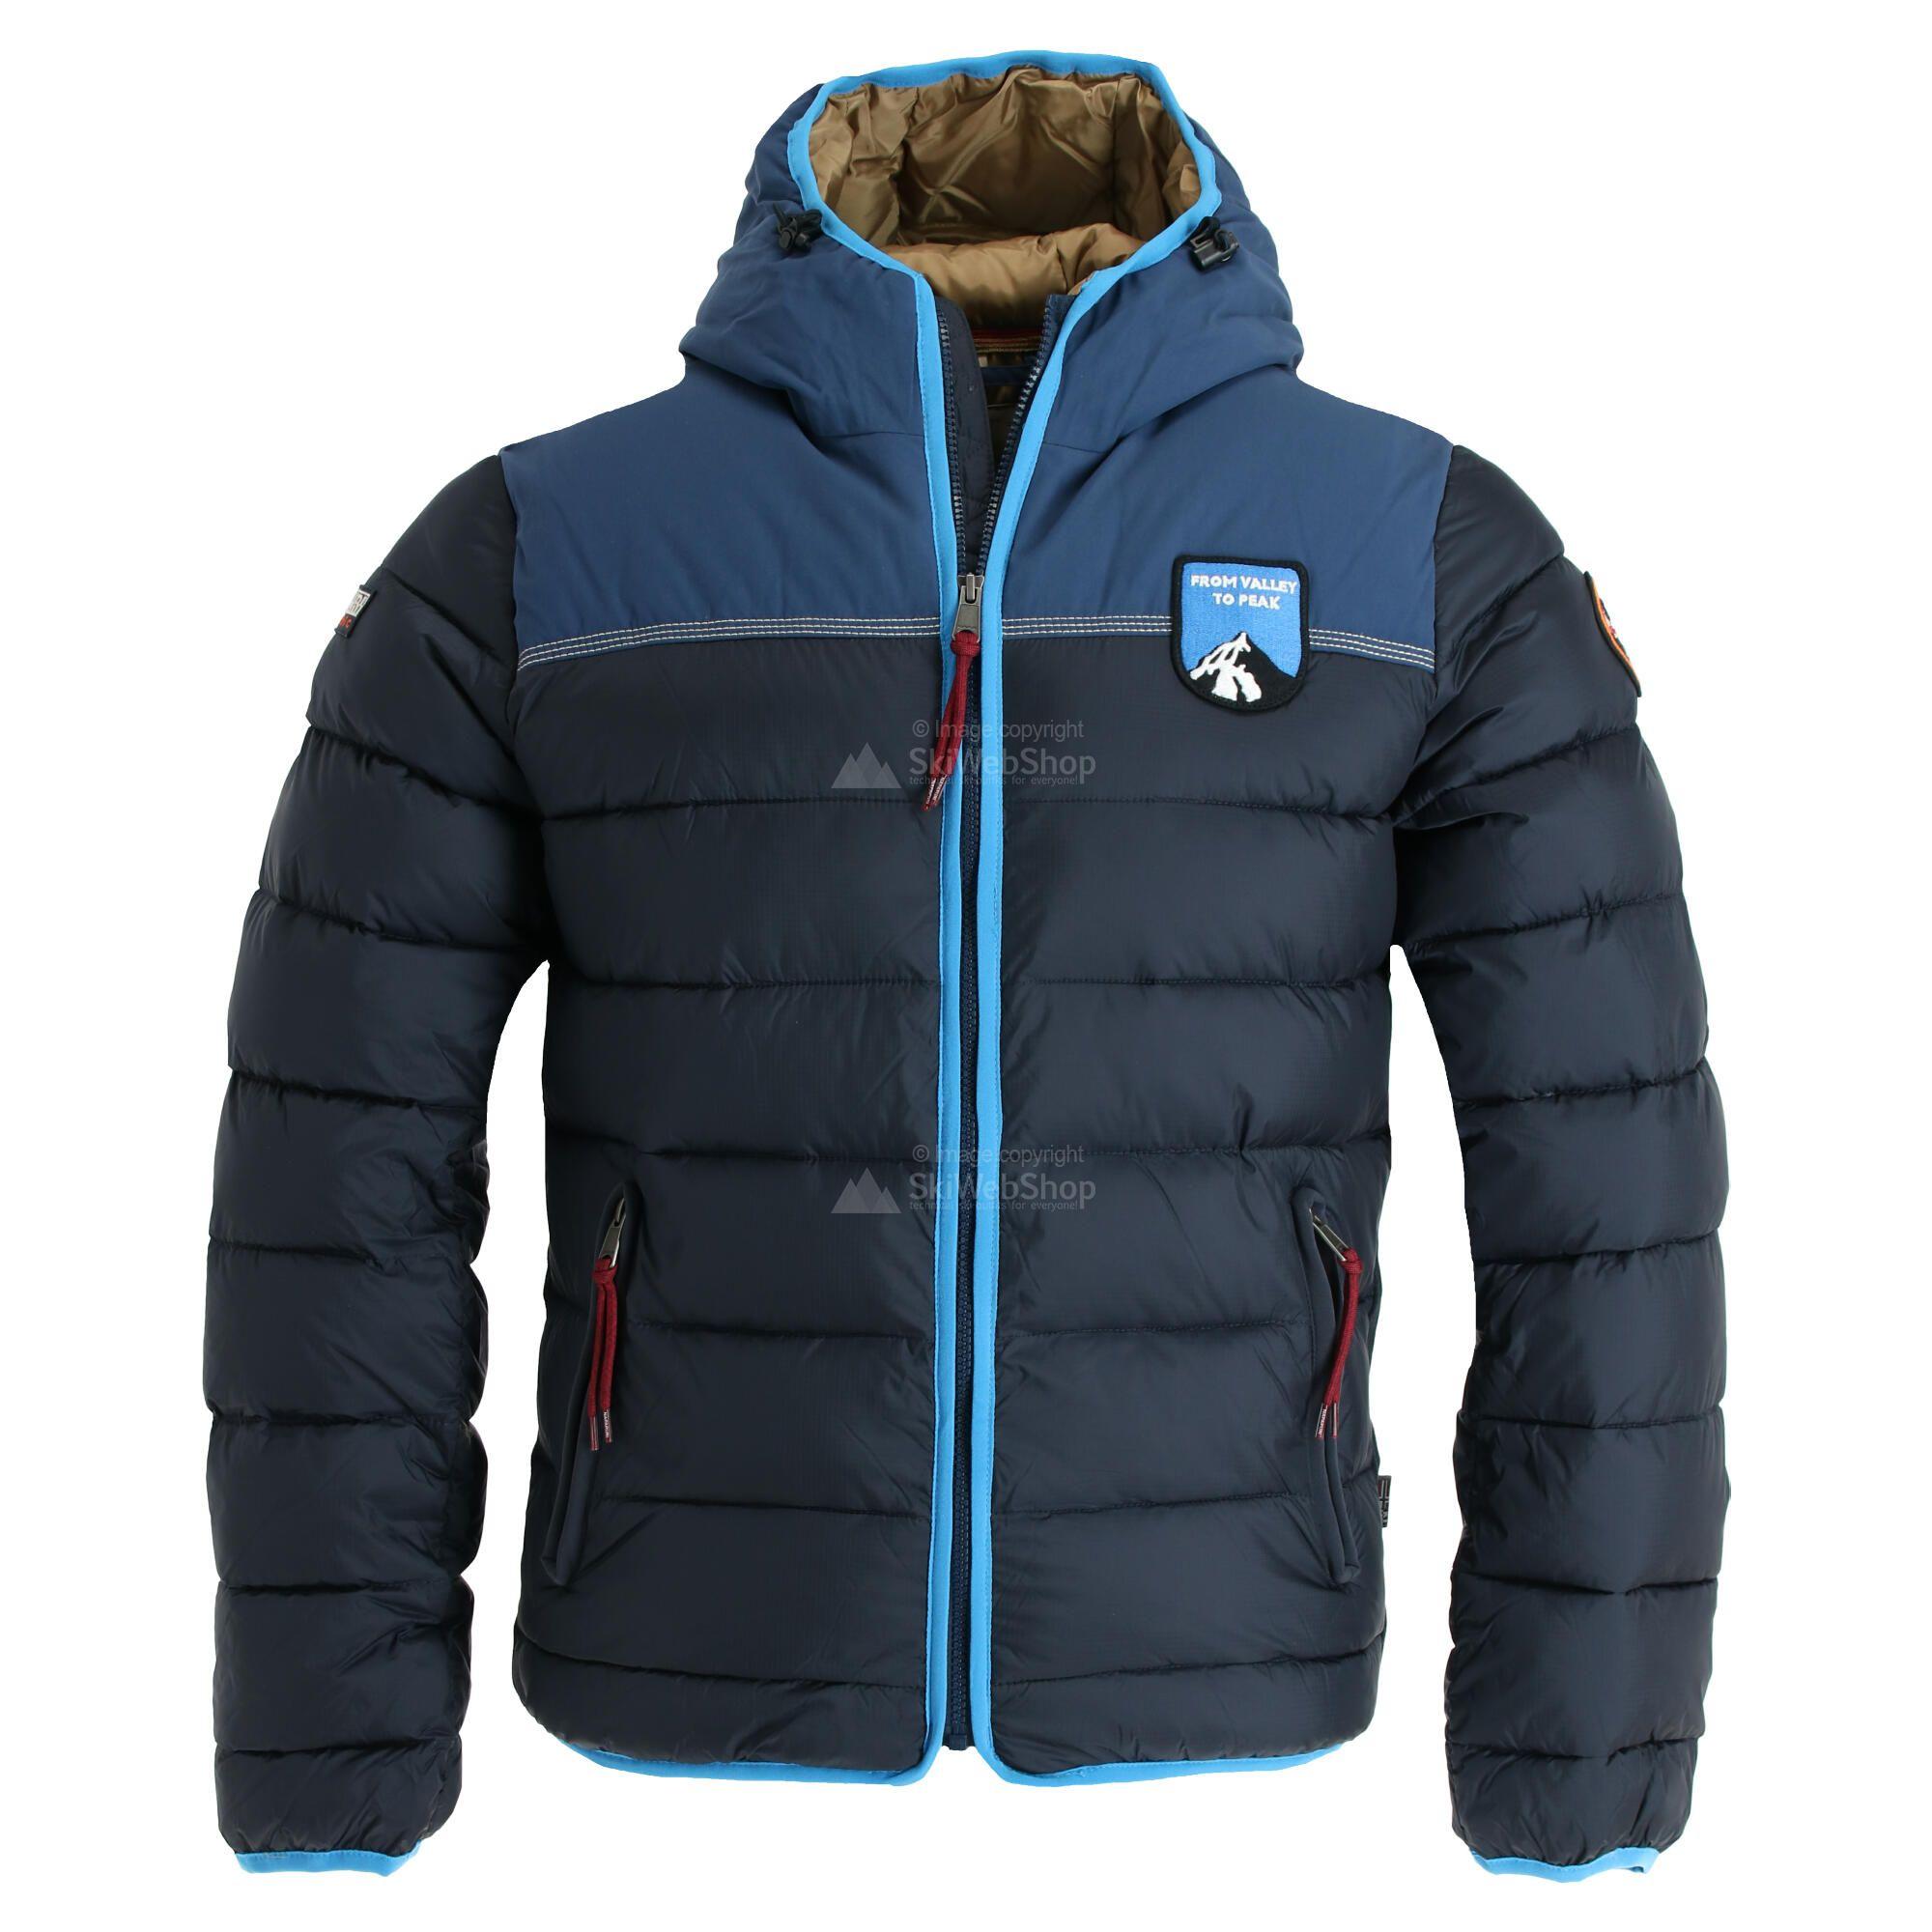 fazzoletto mulino Inferiore  Napapijri, Aric, giacca invernale, uomo, blu navy • SkiWebShop